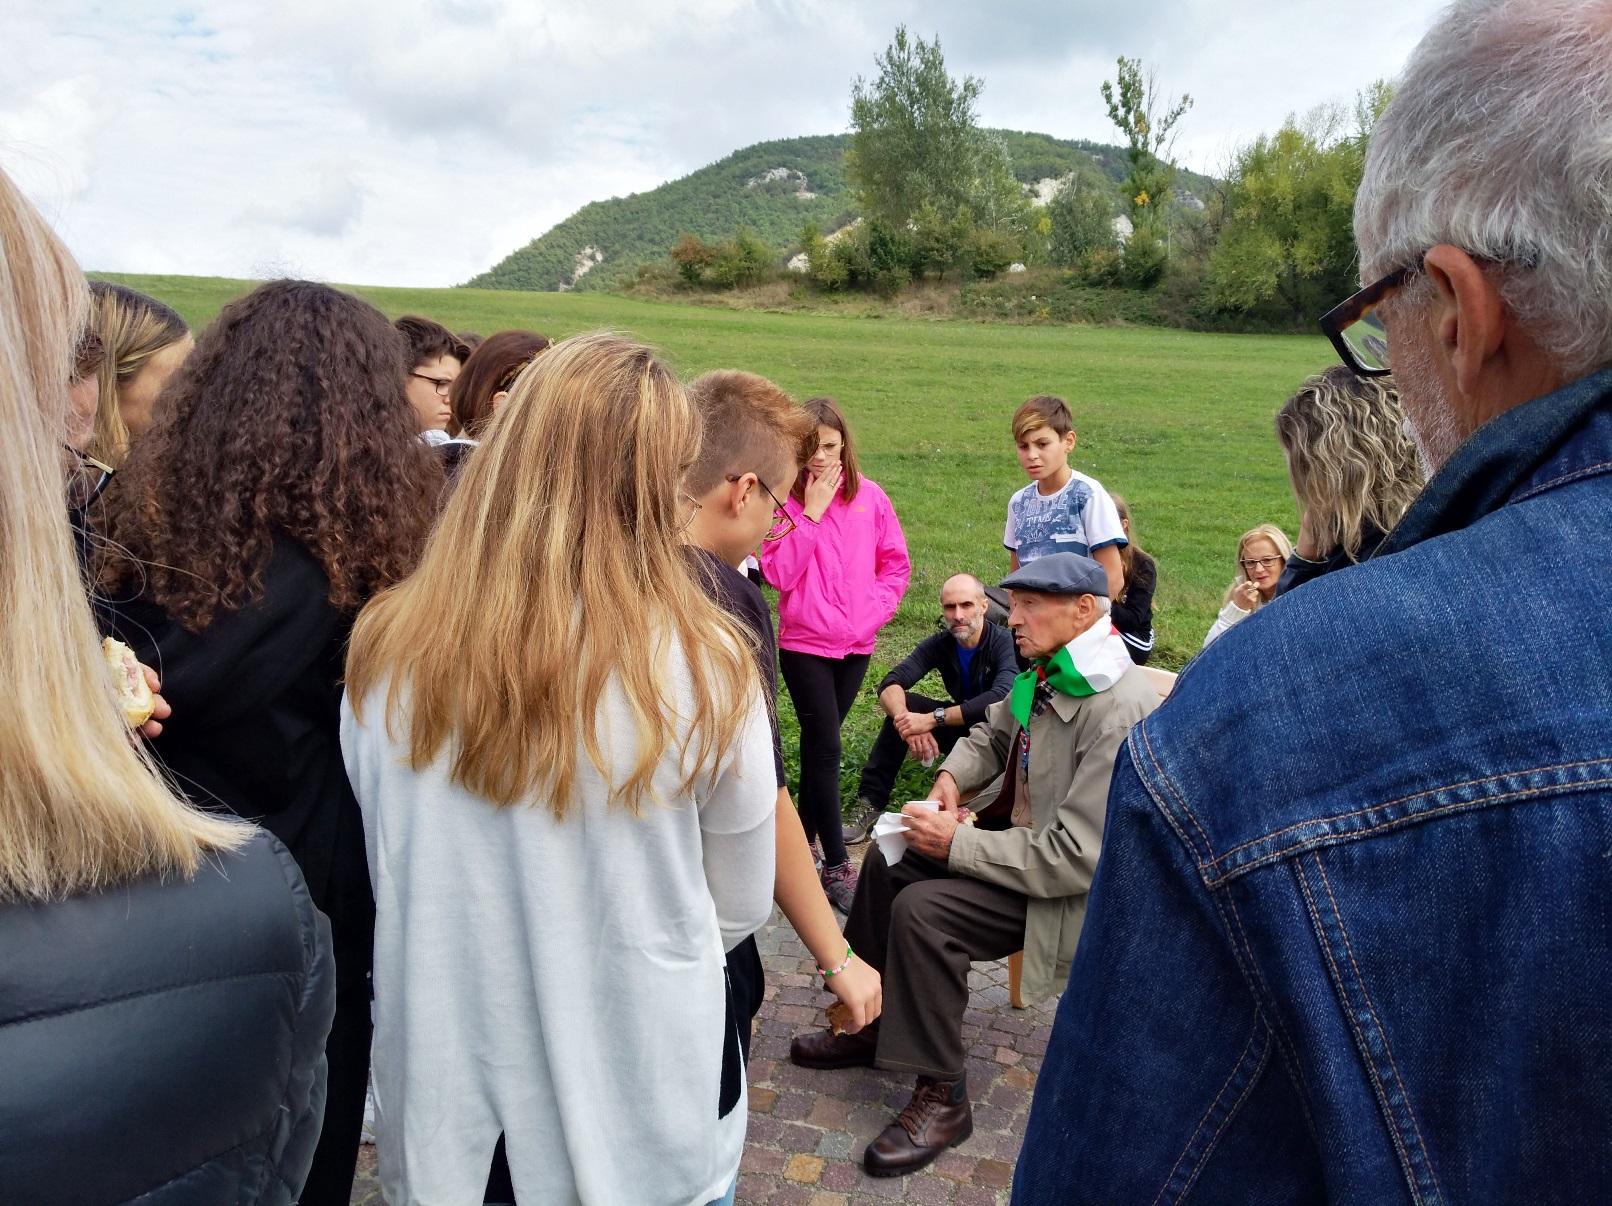 Lorenzo Simonini, collaboratore della Resistenza modenese e rastrellato dai nazisti, racconta la sua esperienza ai ragazzi del CCR